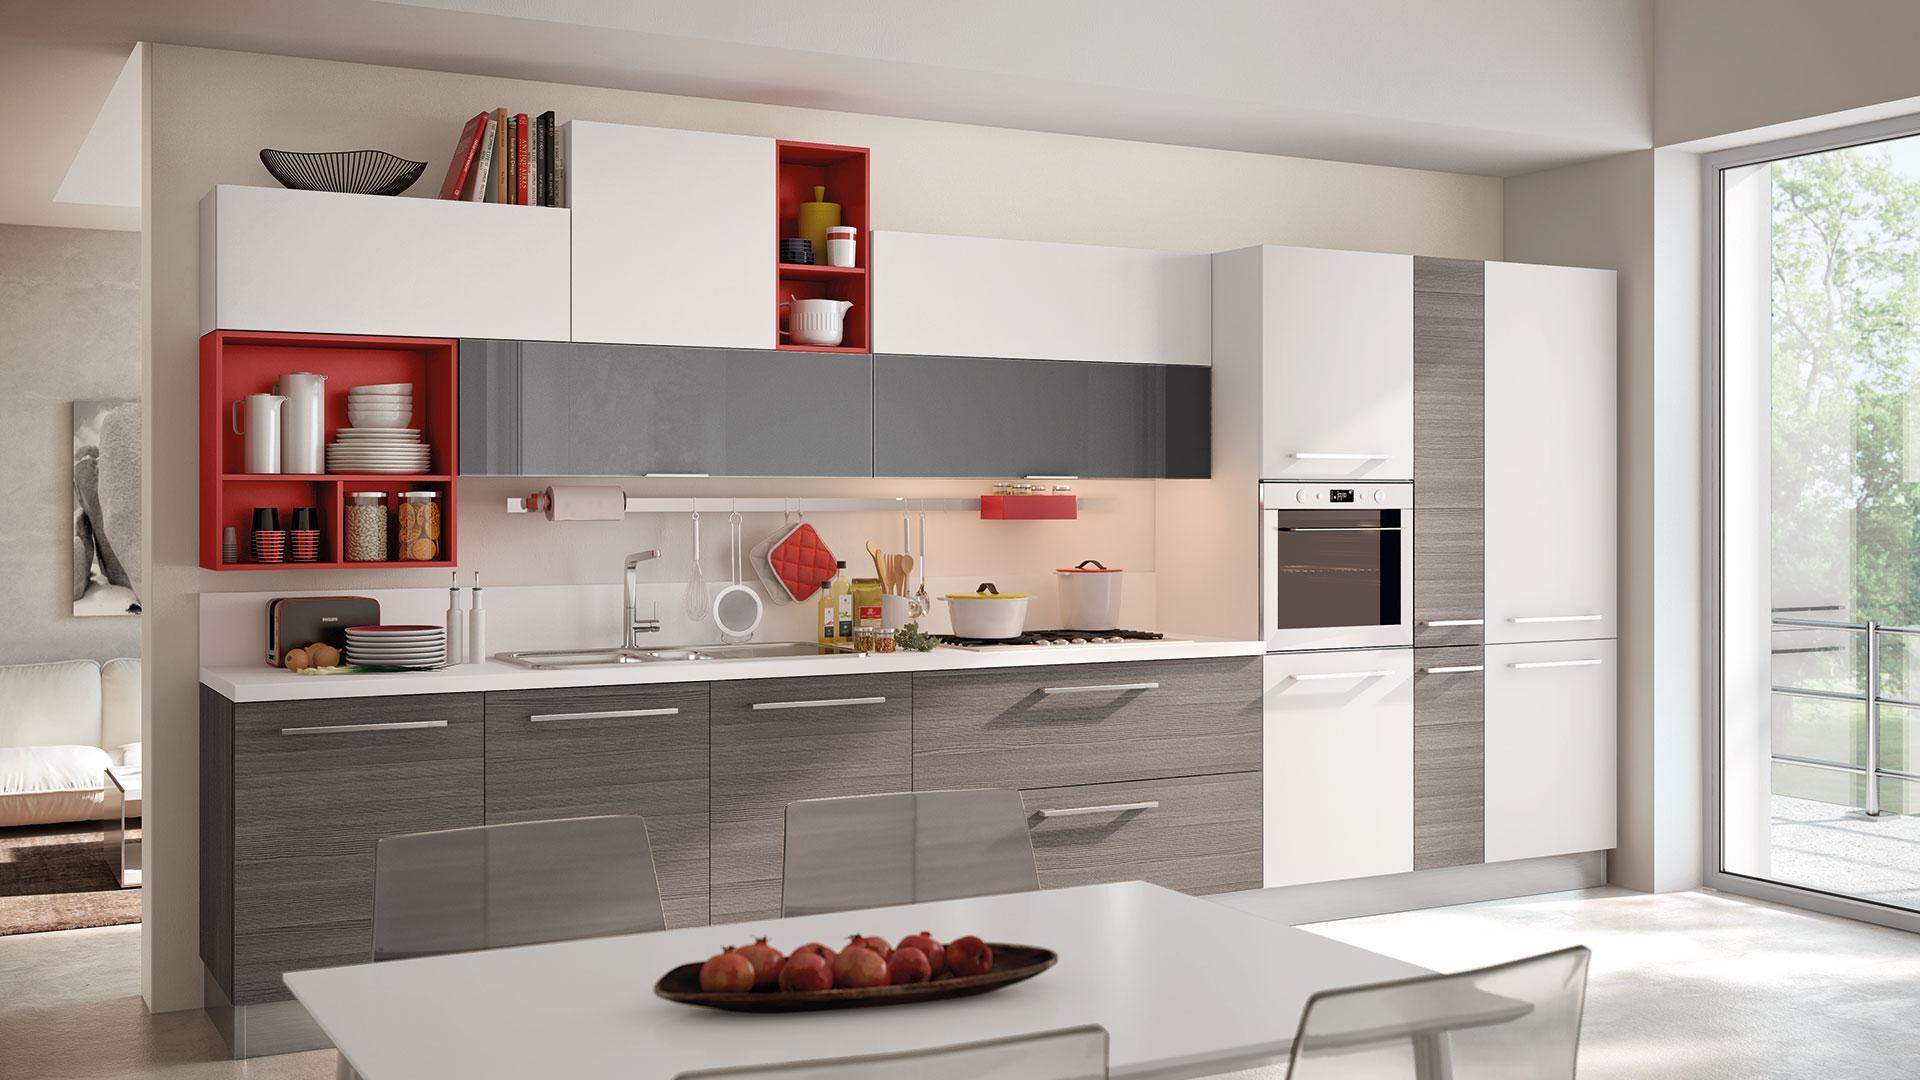 Come disporre i mobili in cucina, dettagli e consigli da non ...